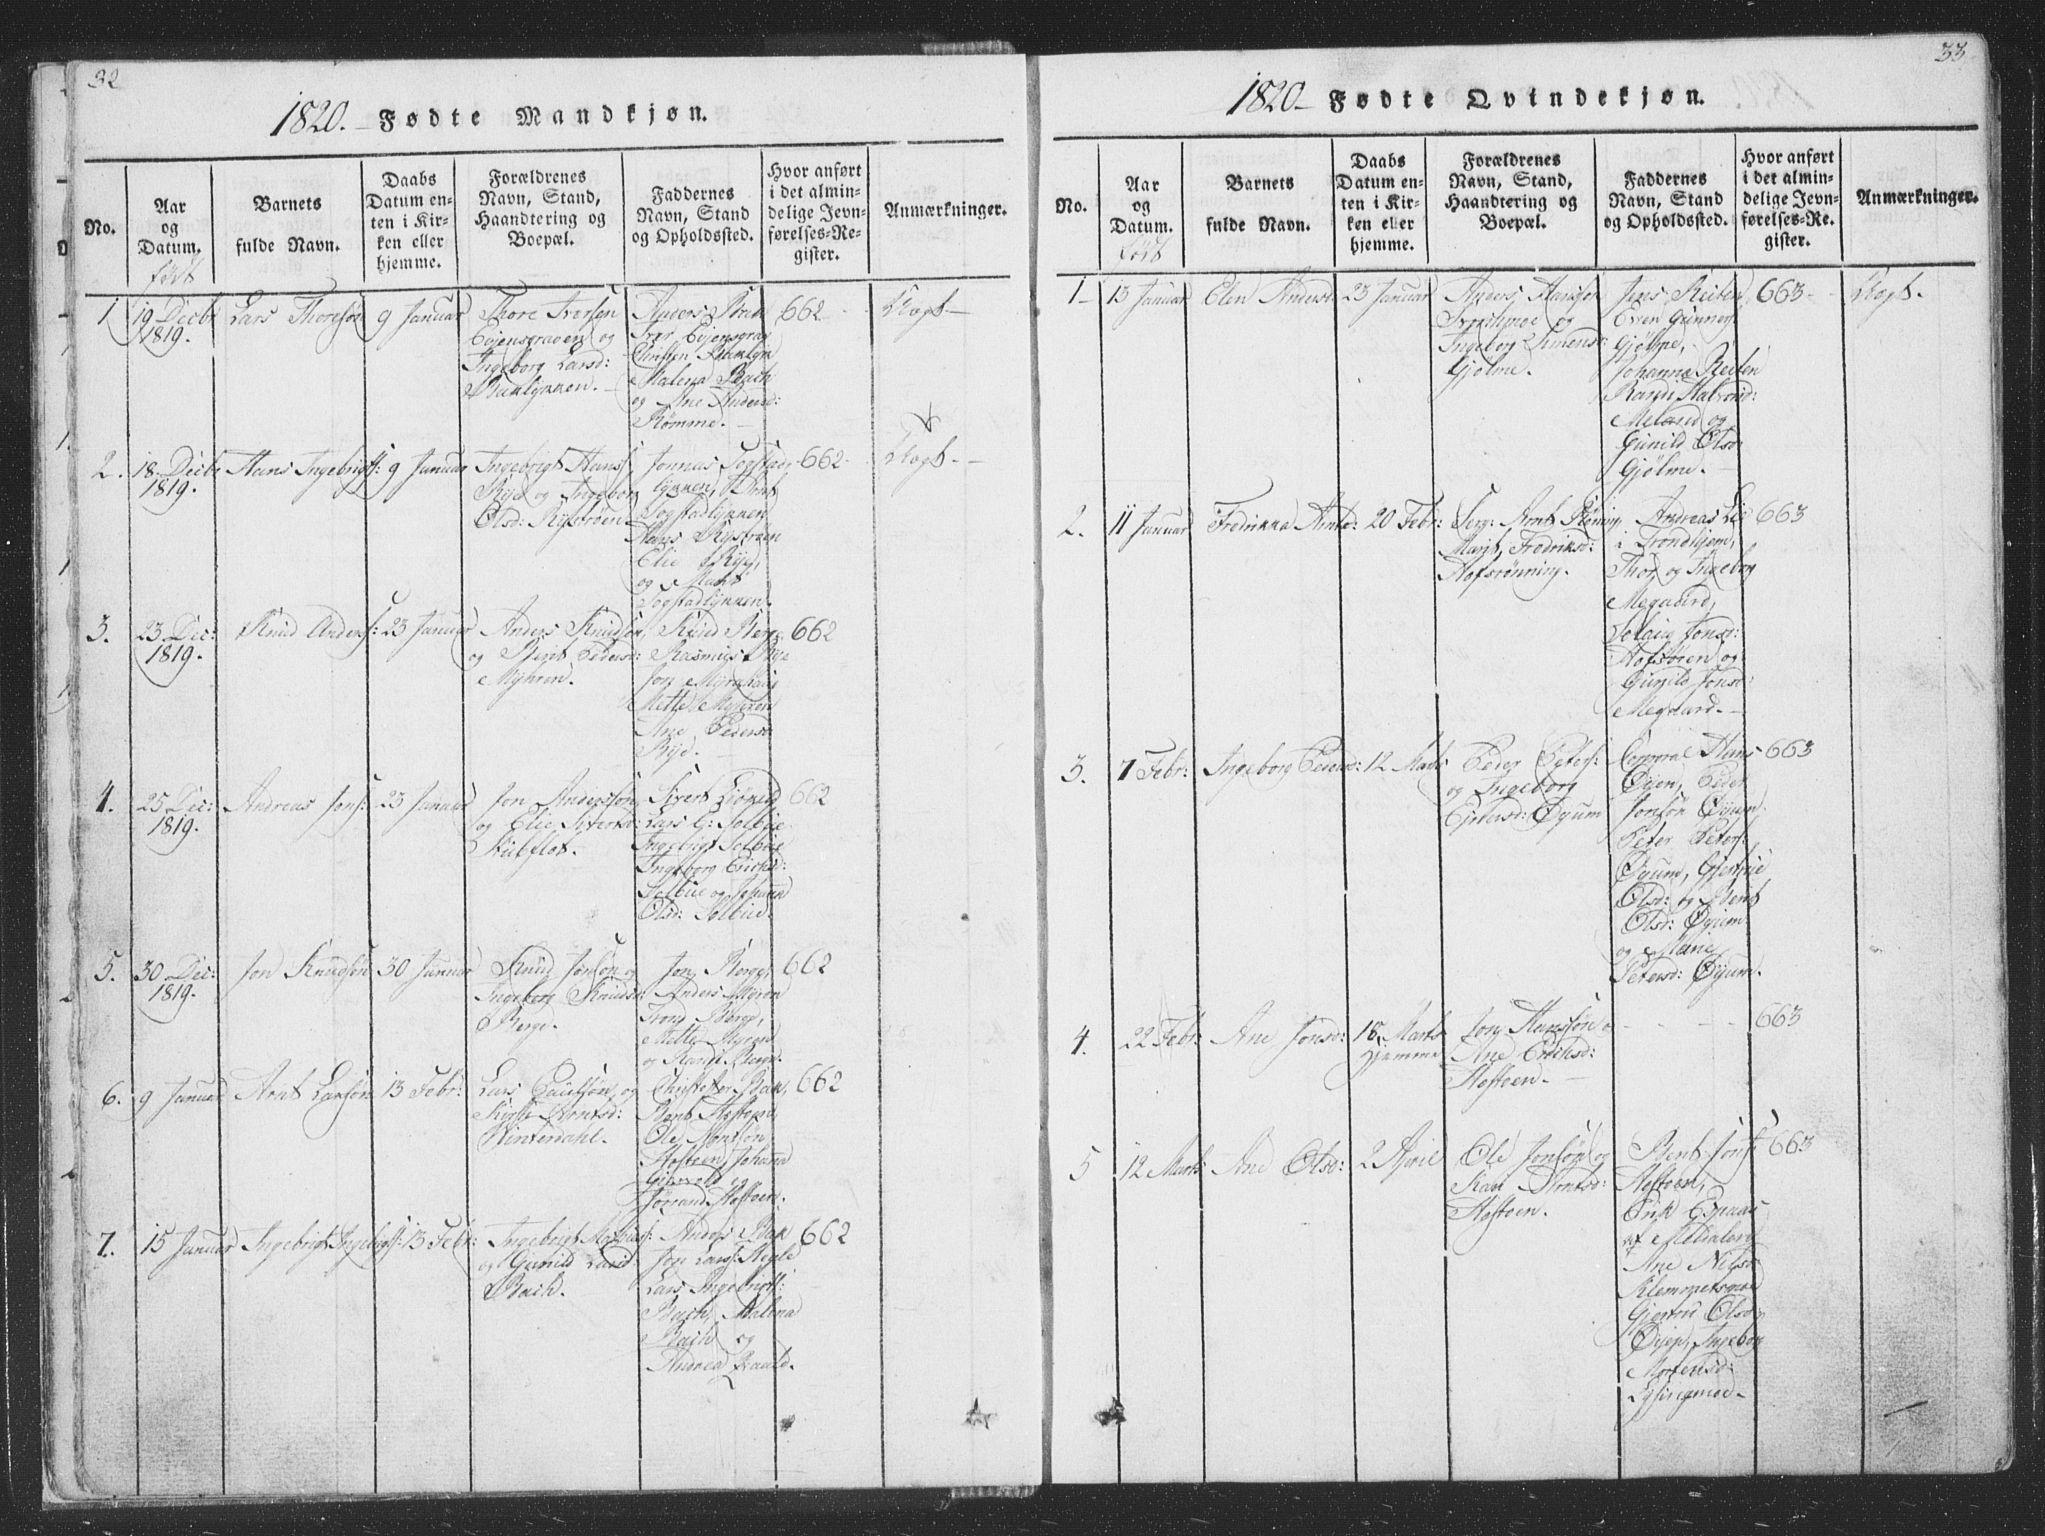 SAT, Ministerialprotokoller, klokkerbøker og fødselsregistre - Sør-Trøndelag, 668/L0816: Klokkerbok nr. 668C05, 1816-1893, s. 32-33